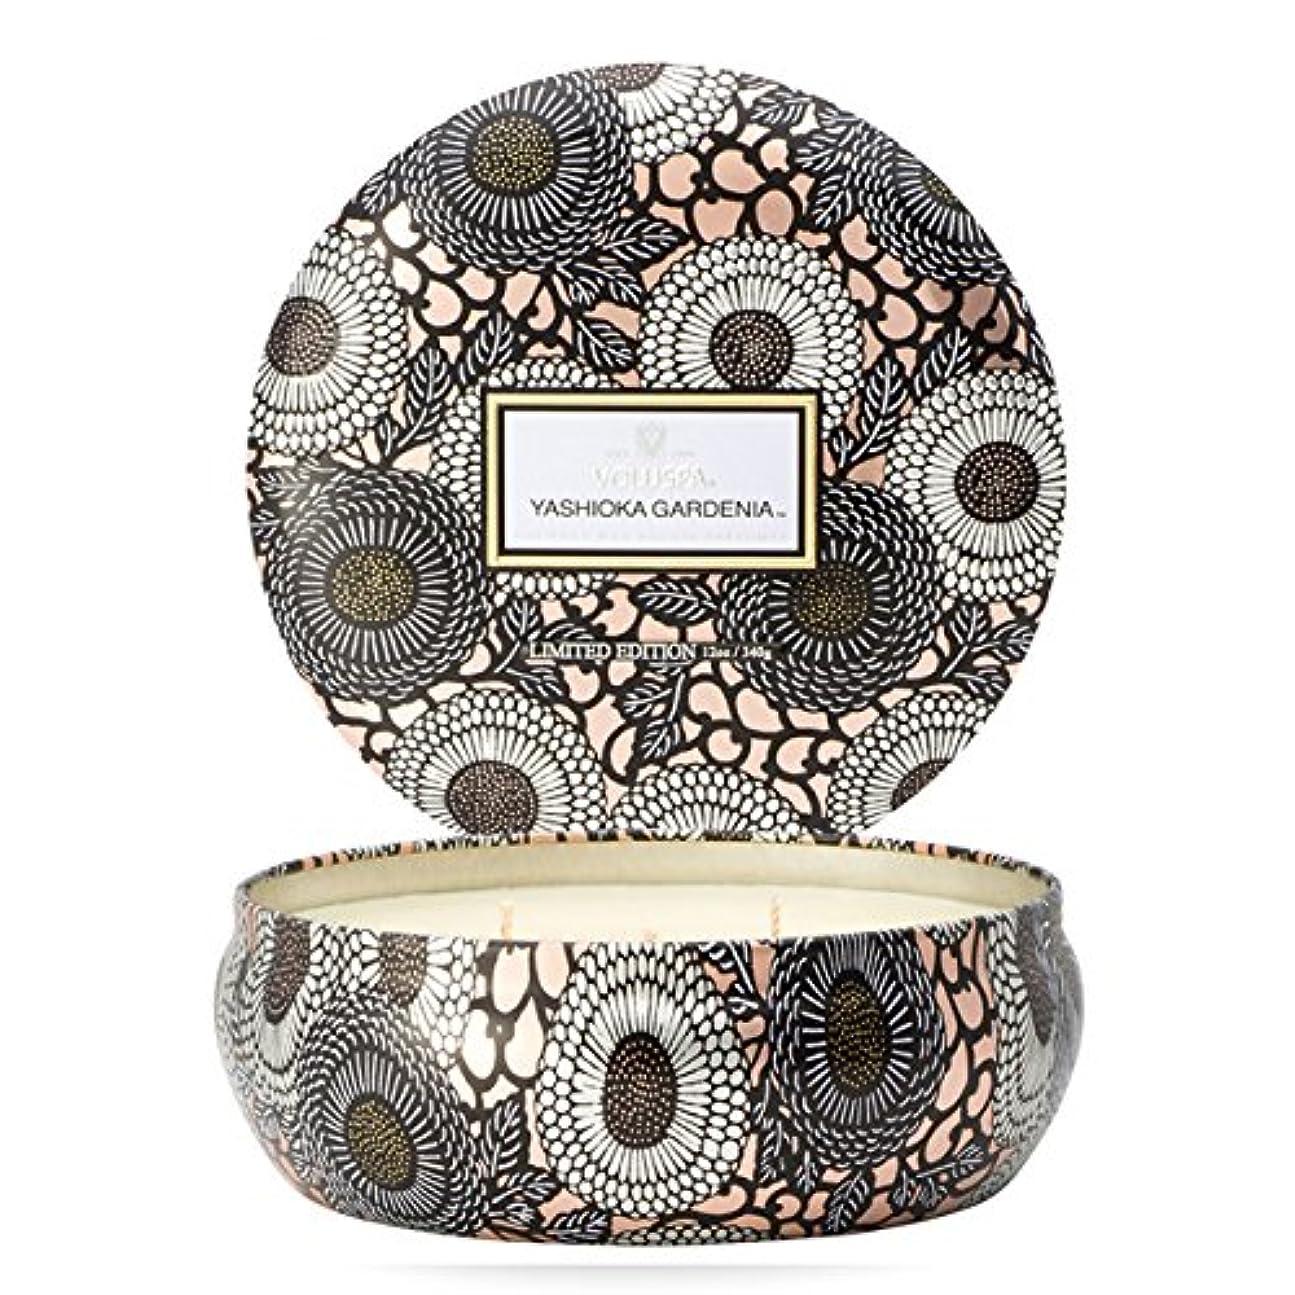 証明書タンザニア症候群Voluspa ボルスパ ジャポニカ リミテッド 3-Wick ティンキャンドル  ヤシオカガーデニア YASHIOKA GARDENIA JAPONICA Limited 3-ウィック Tin Glass Candle